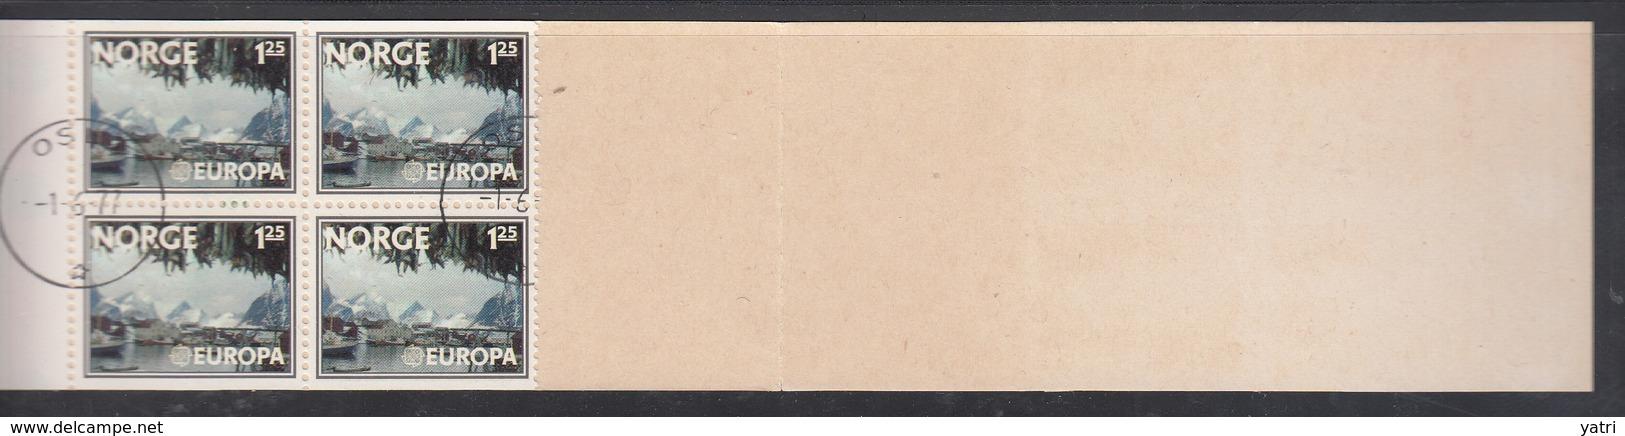 Norvegia - 1977 EUROPA Cept Kr 1,25 (o) - Europa-CEPT